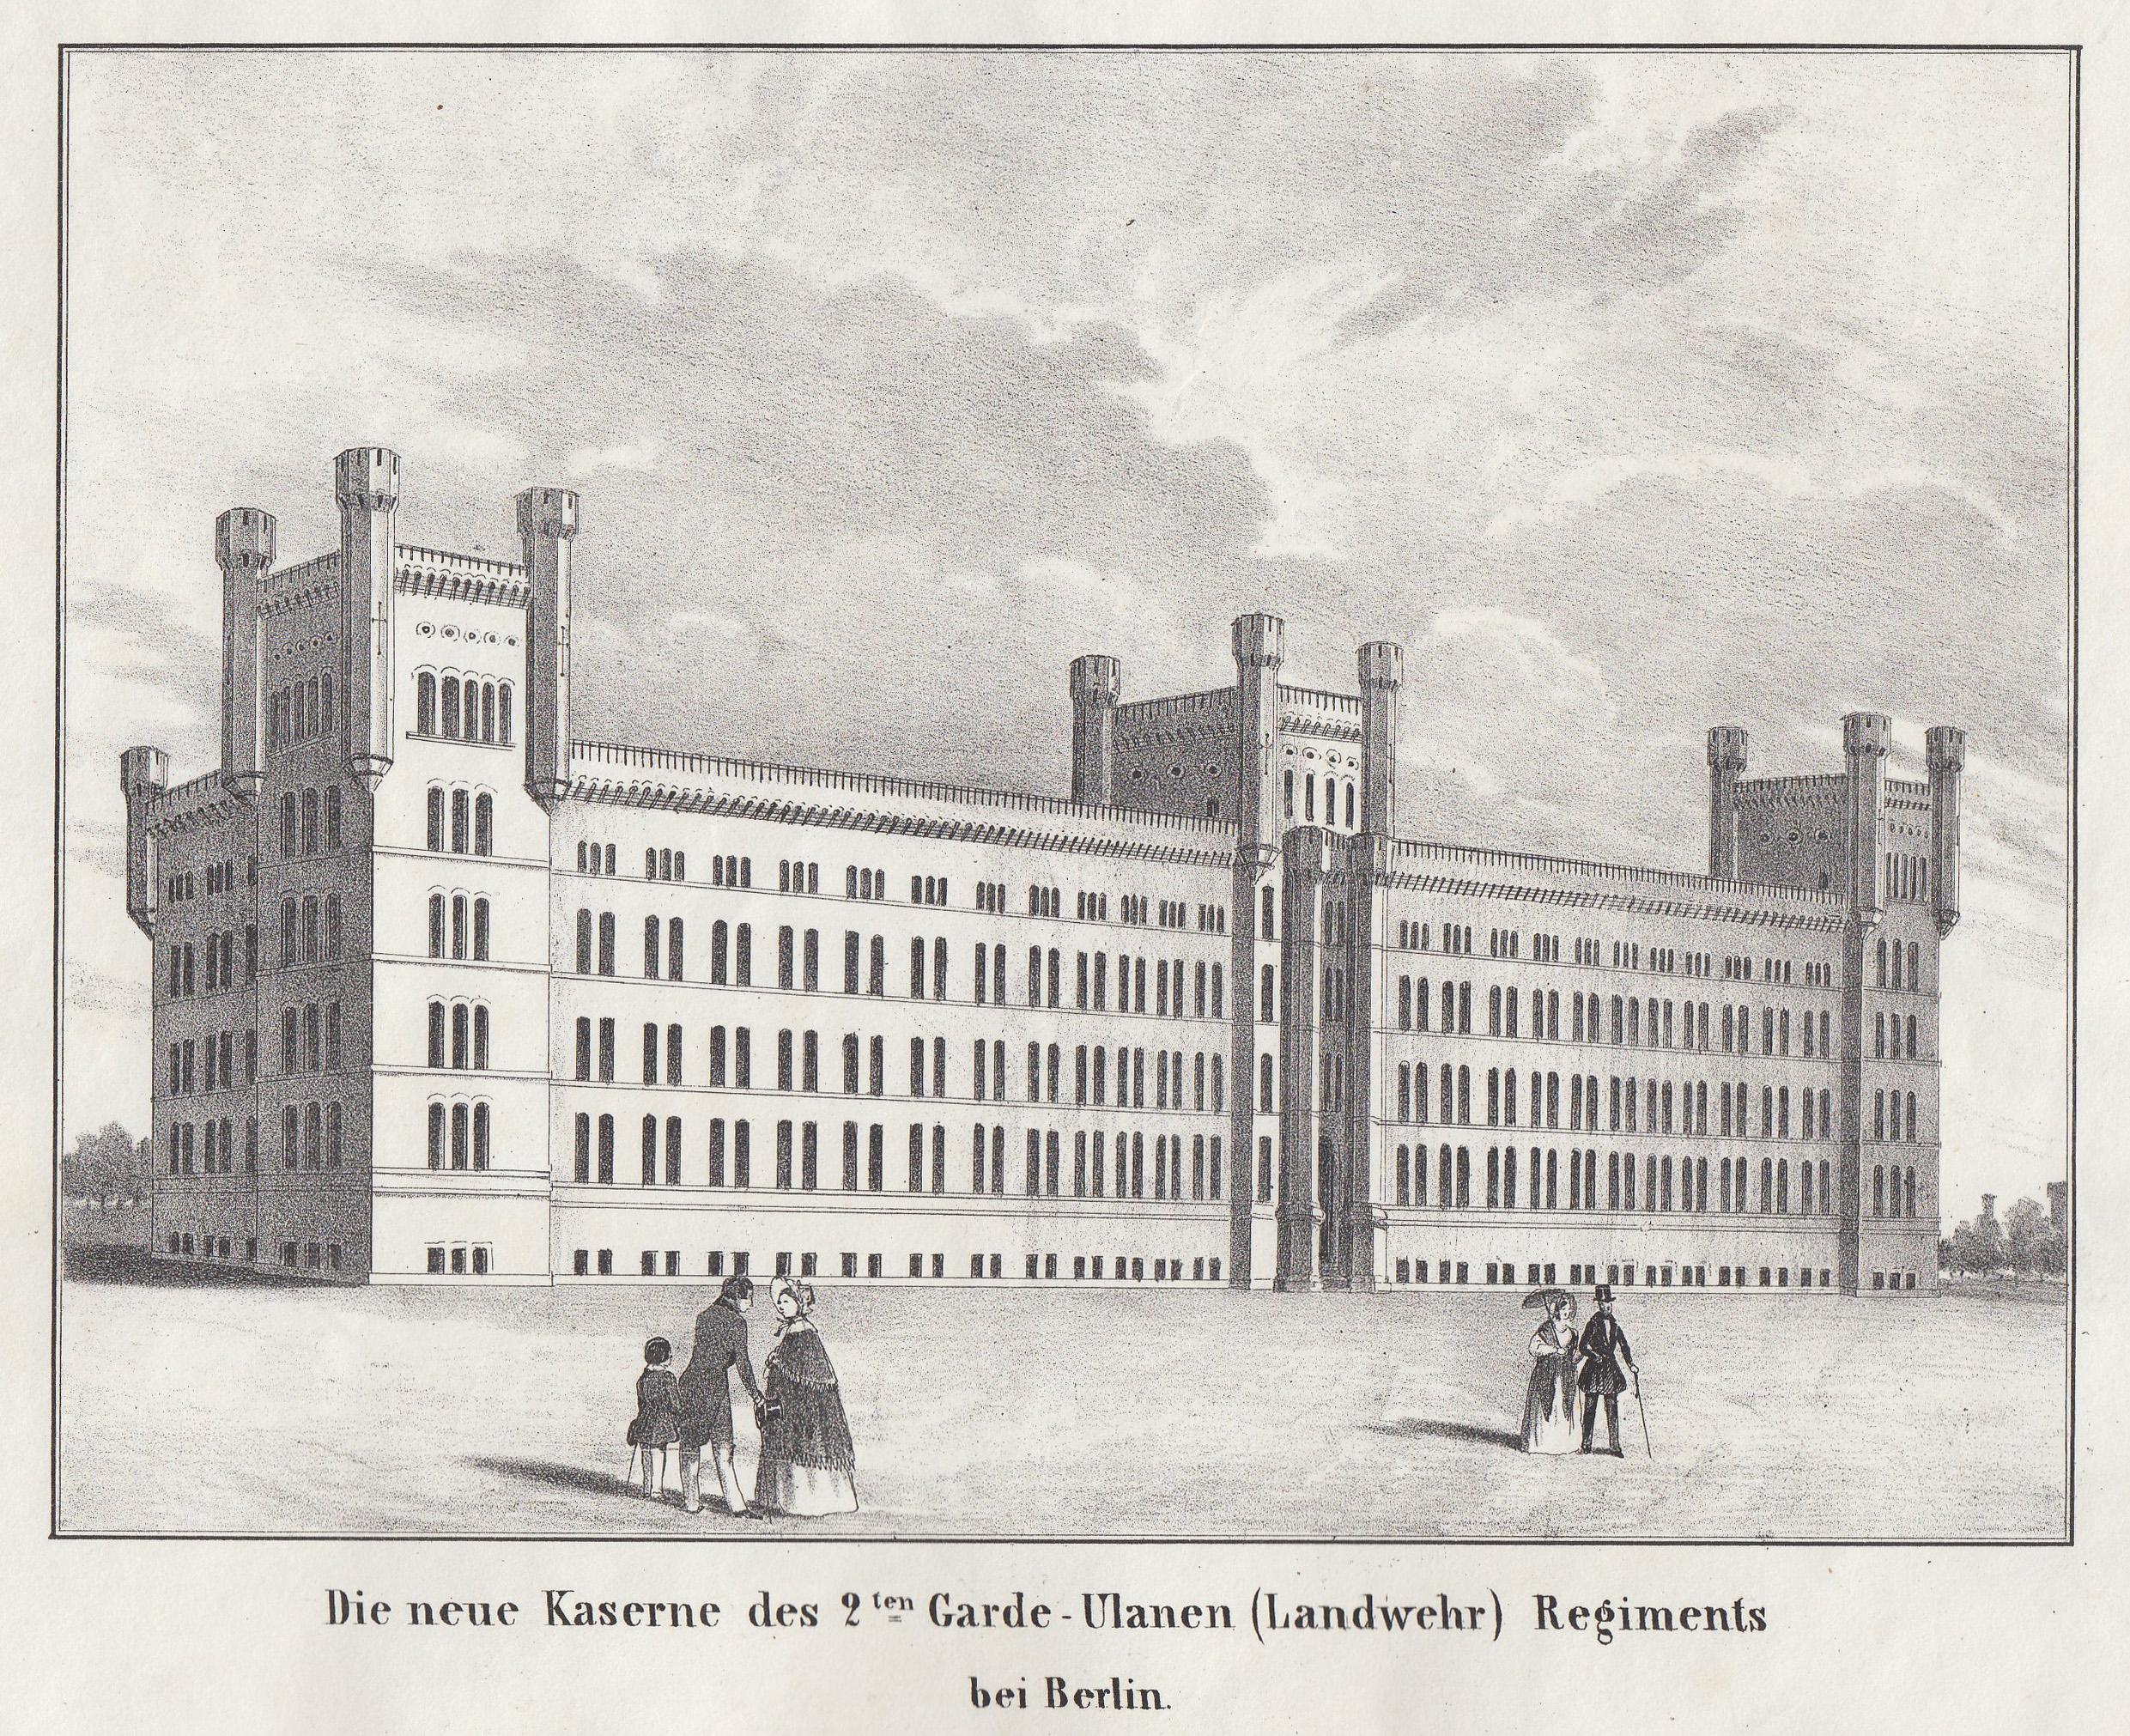 Die neue Kaserne des 2.ten Garde -: Berlin - Militärbauten: